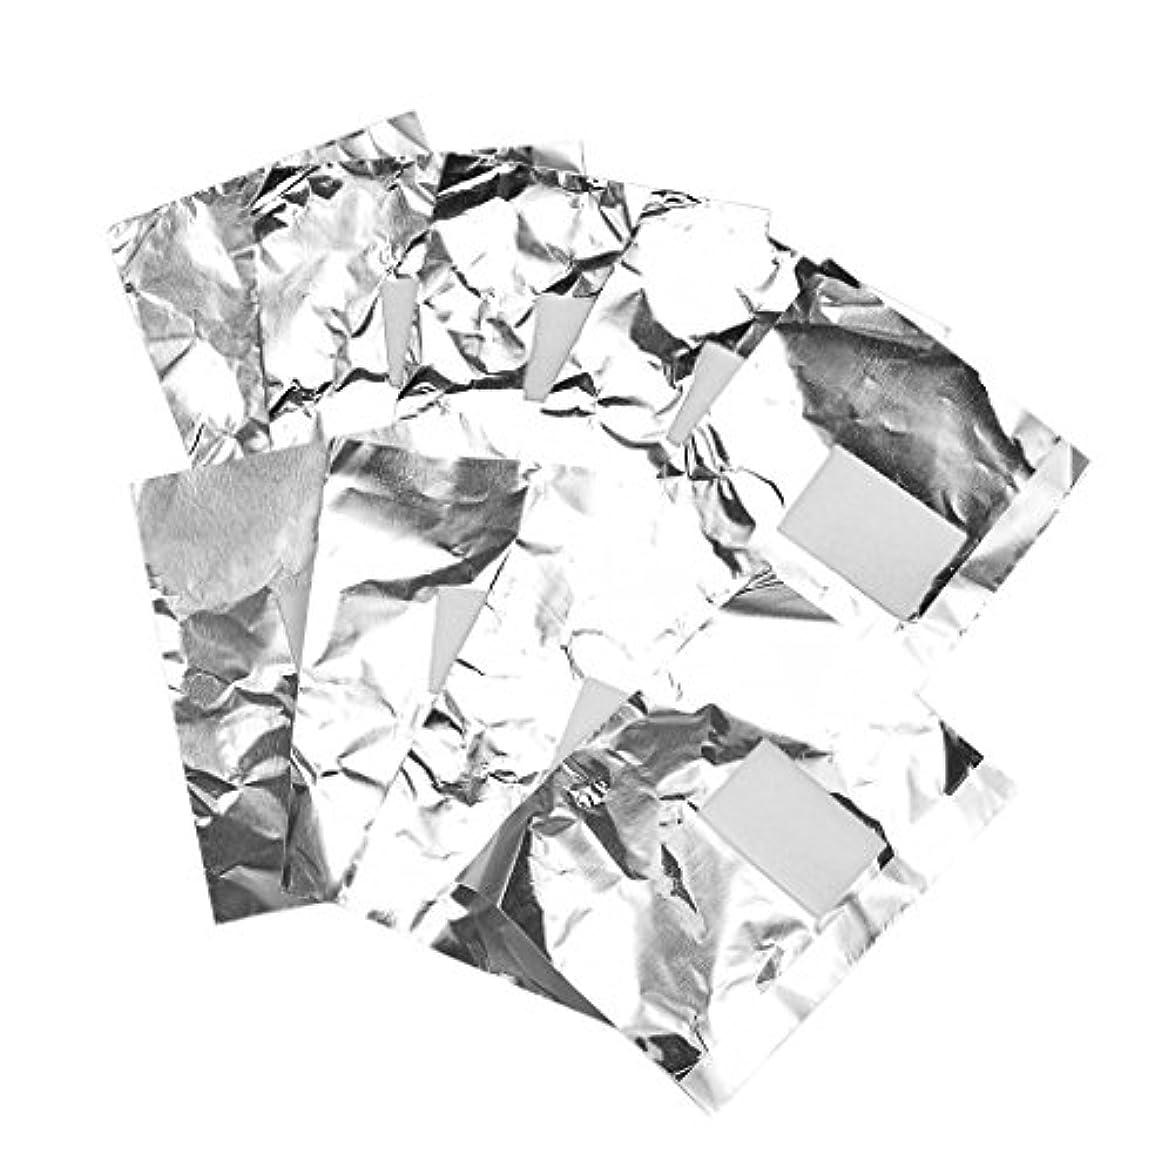 ユニークなトランジスタマークされた約100枚 ジェル除却 ネイルアート 錫箔紙 のり除却可能 ネイルオイル クリーナーツール 爪装飾除き 包み紙